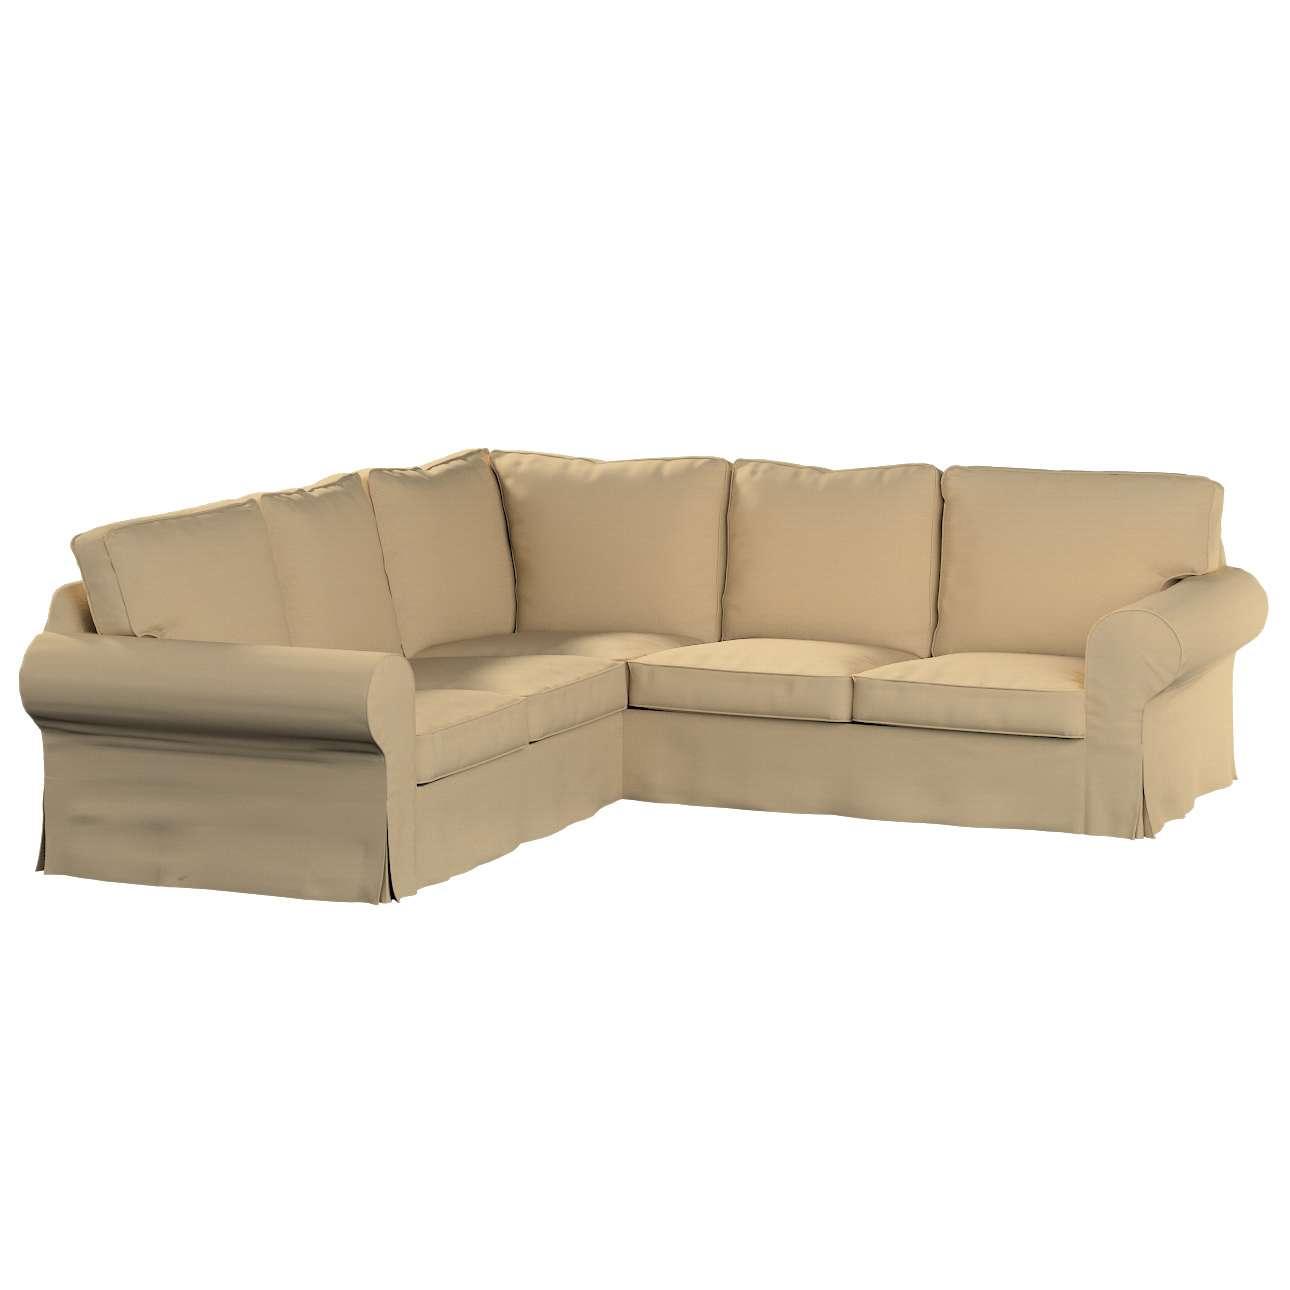 Ektorp kampinė sofa Ektorp kampinė sofa kolekcijoje Cotton Panama, audinys: 702-01